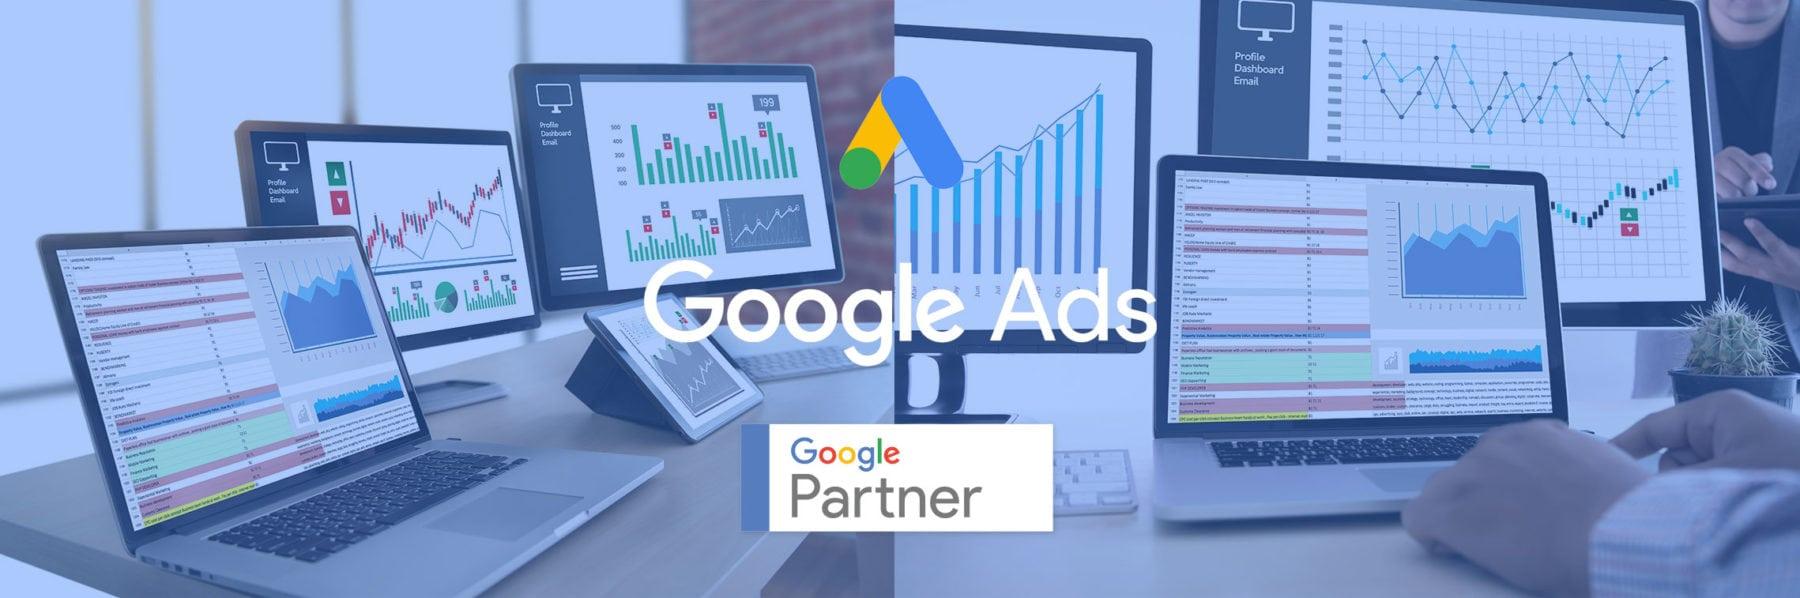 Google Adwords Brisbane Agency - Results Focused Adwords Management For Brisbane Businesses